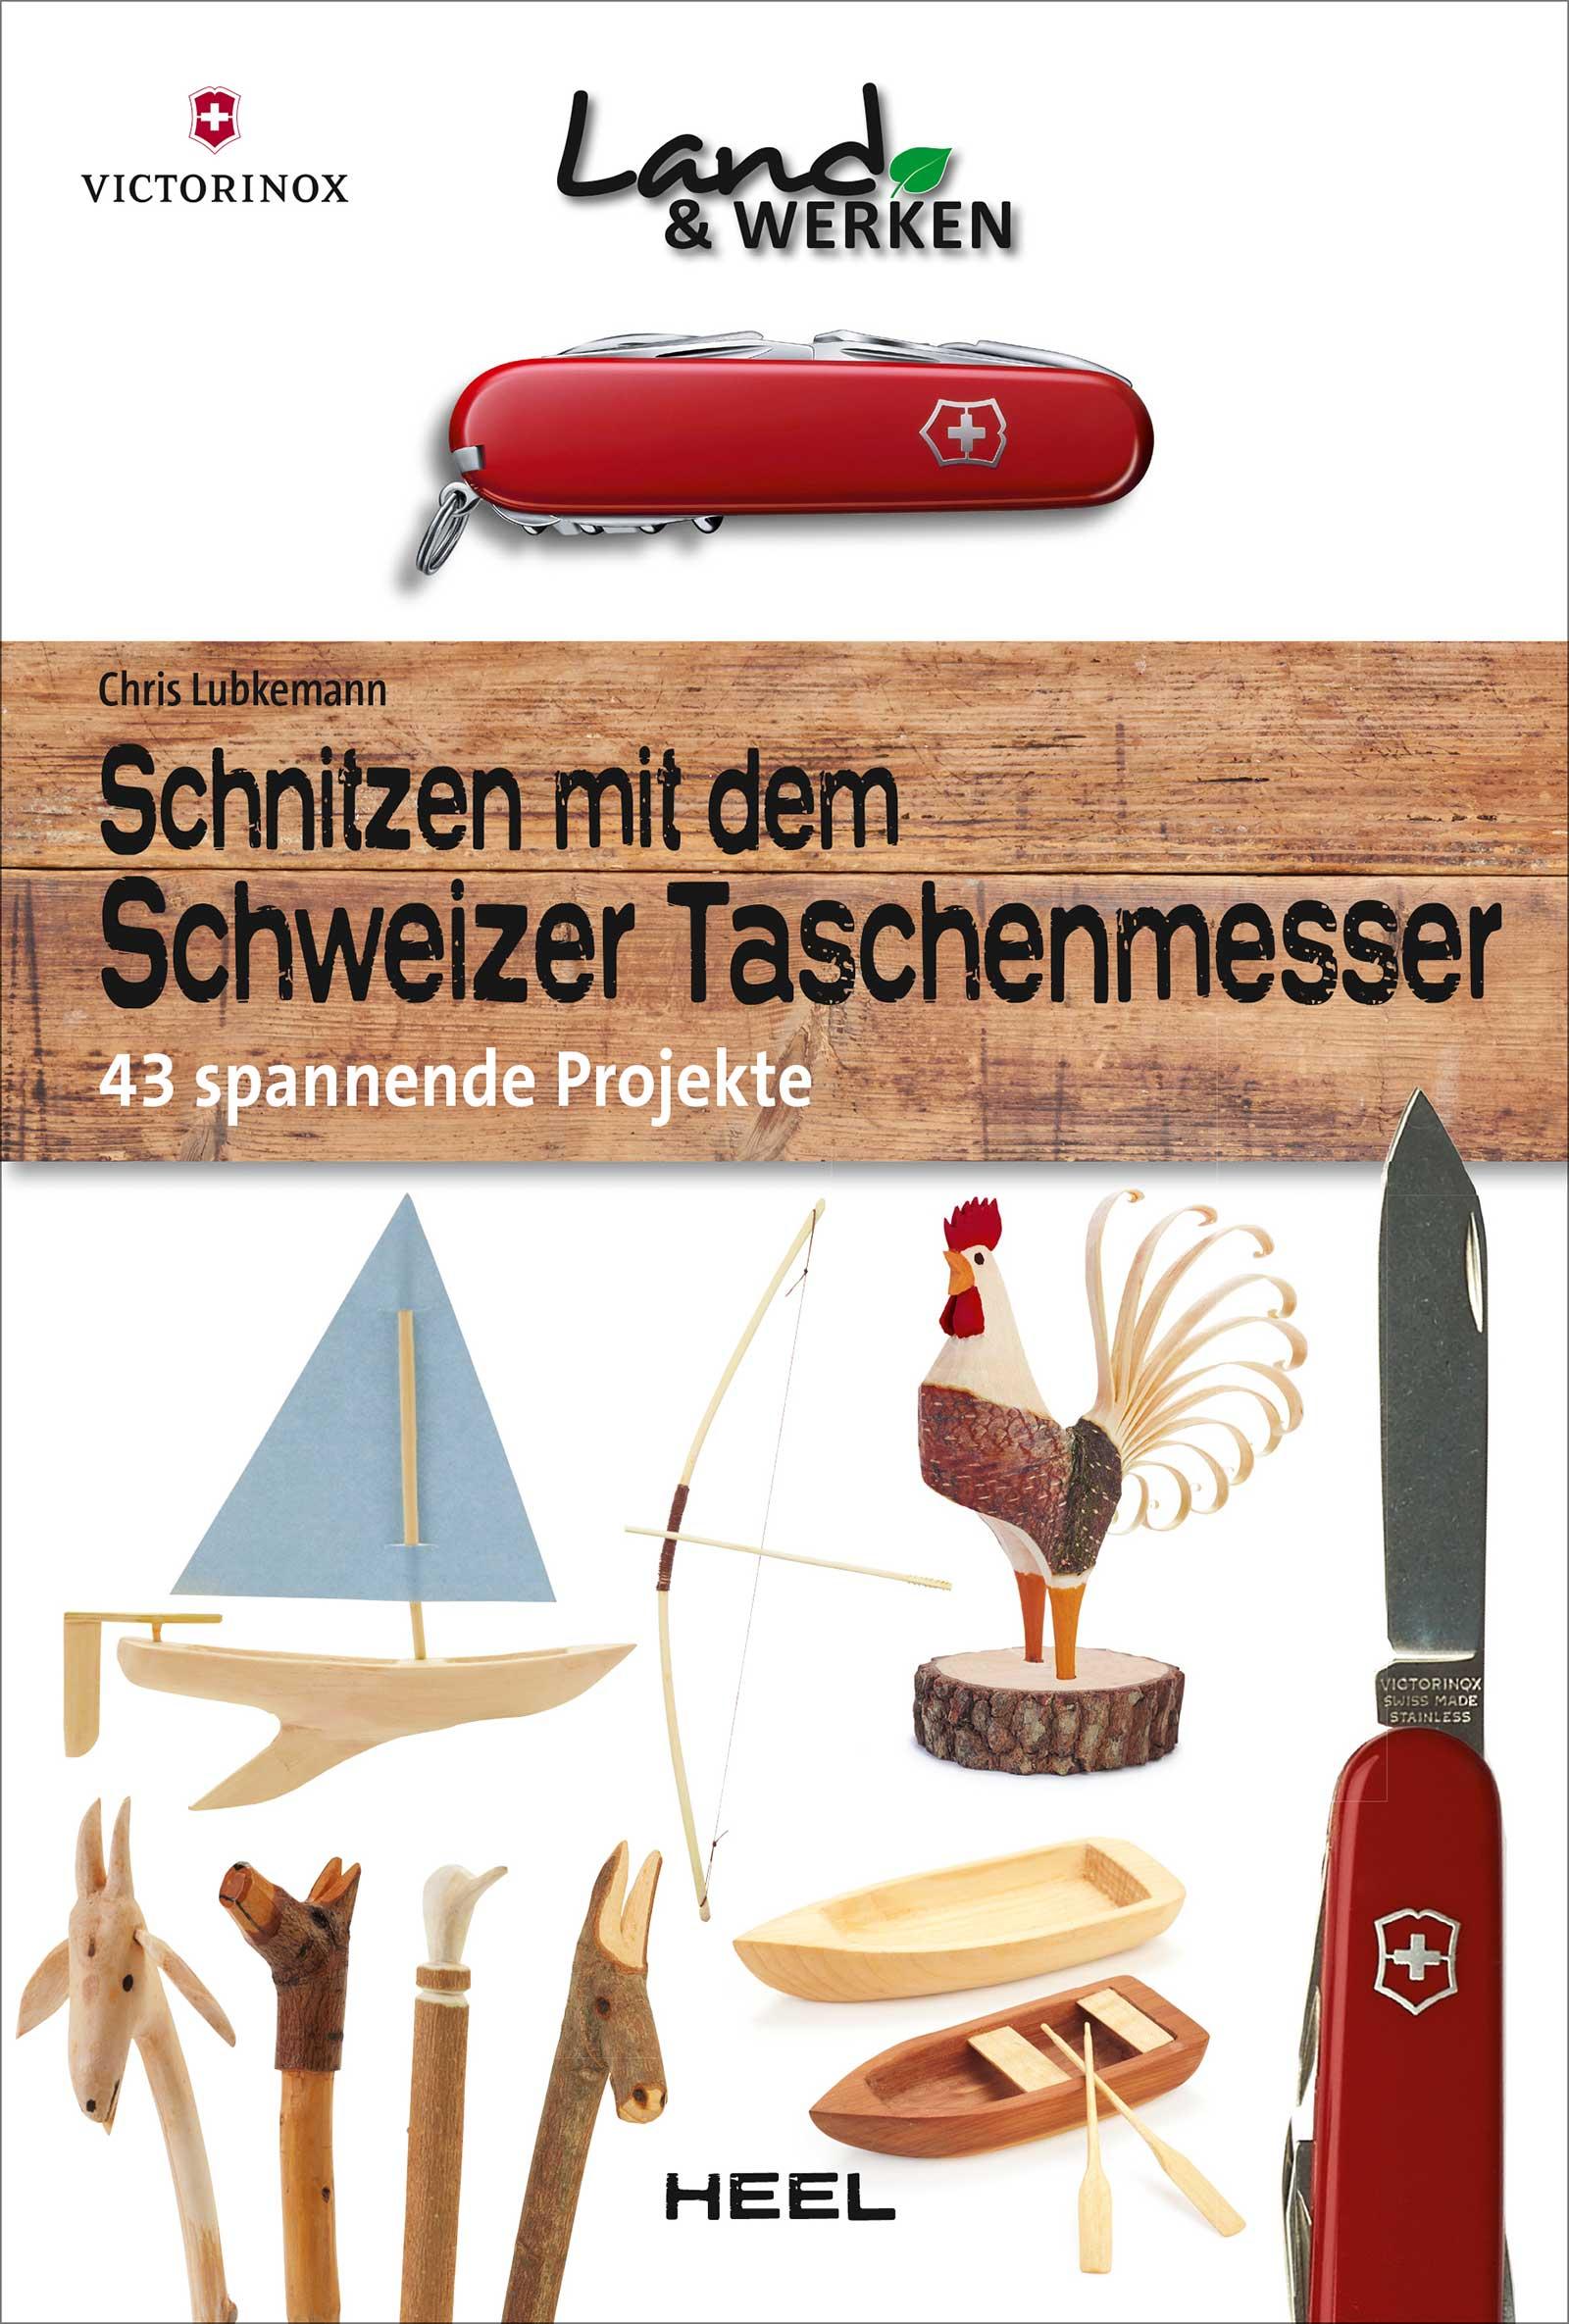 Schnitzen mit dem Schweizer Taschenmesser, Chris Lubkemann